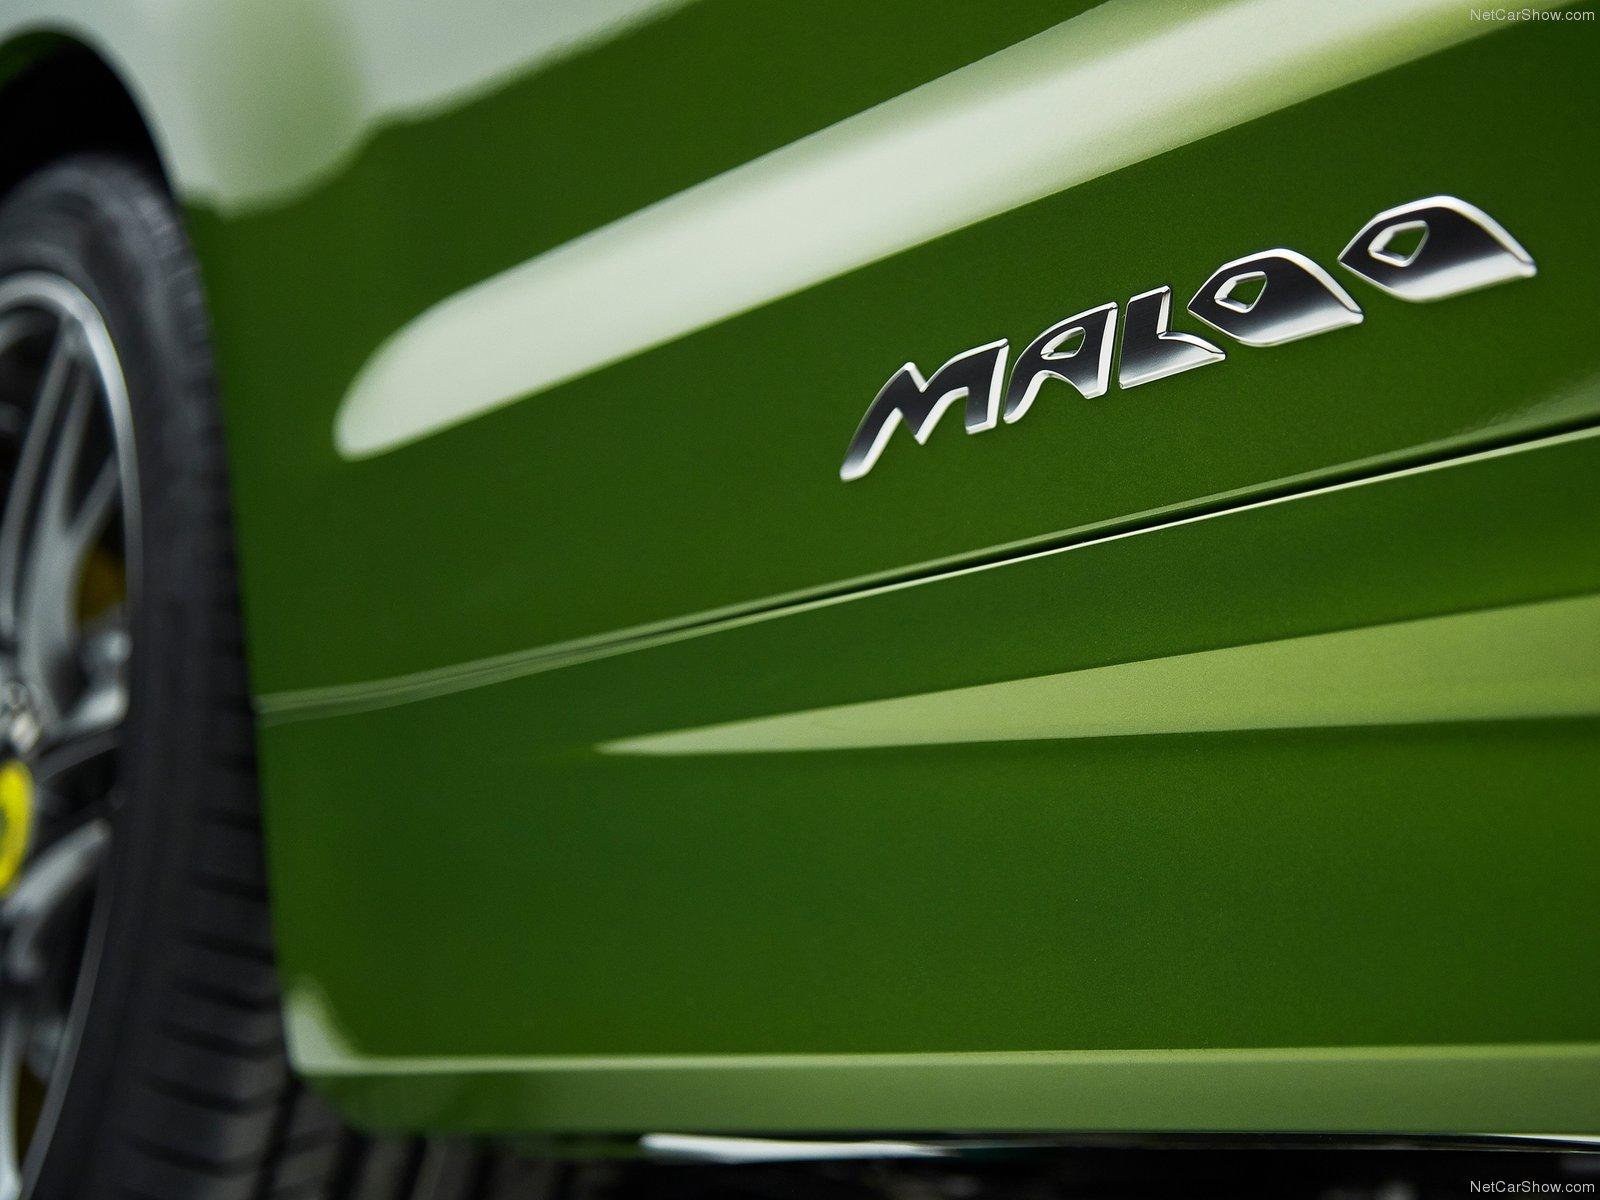 Hình ảnh xe ô tô HSV Gen-F GTS Maloo 2015 & nội ngoại thất